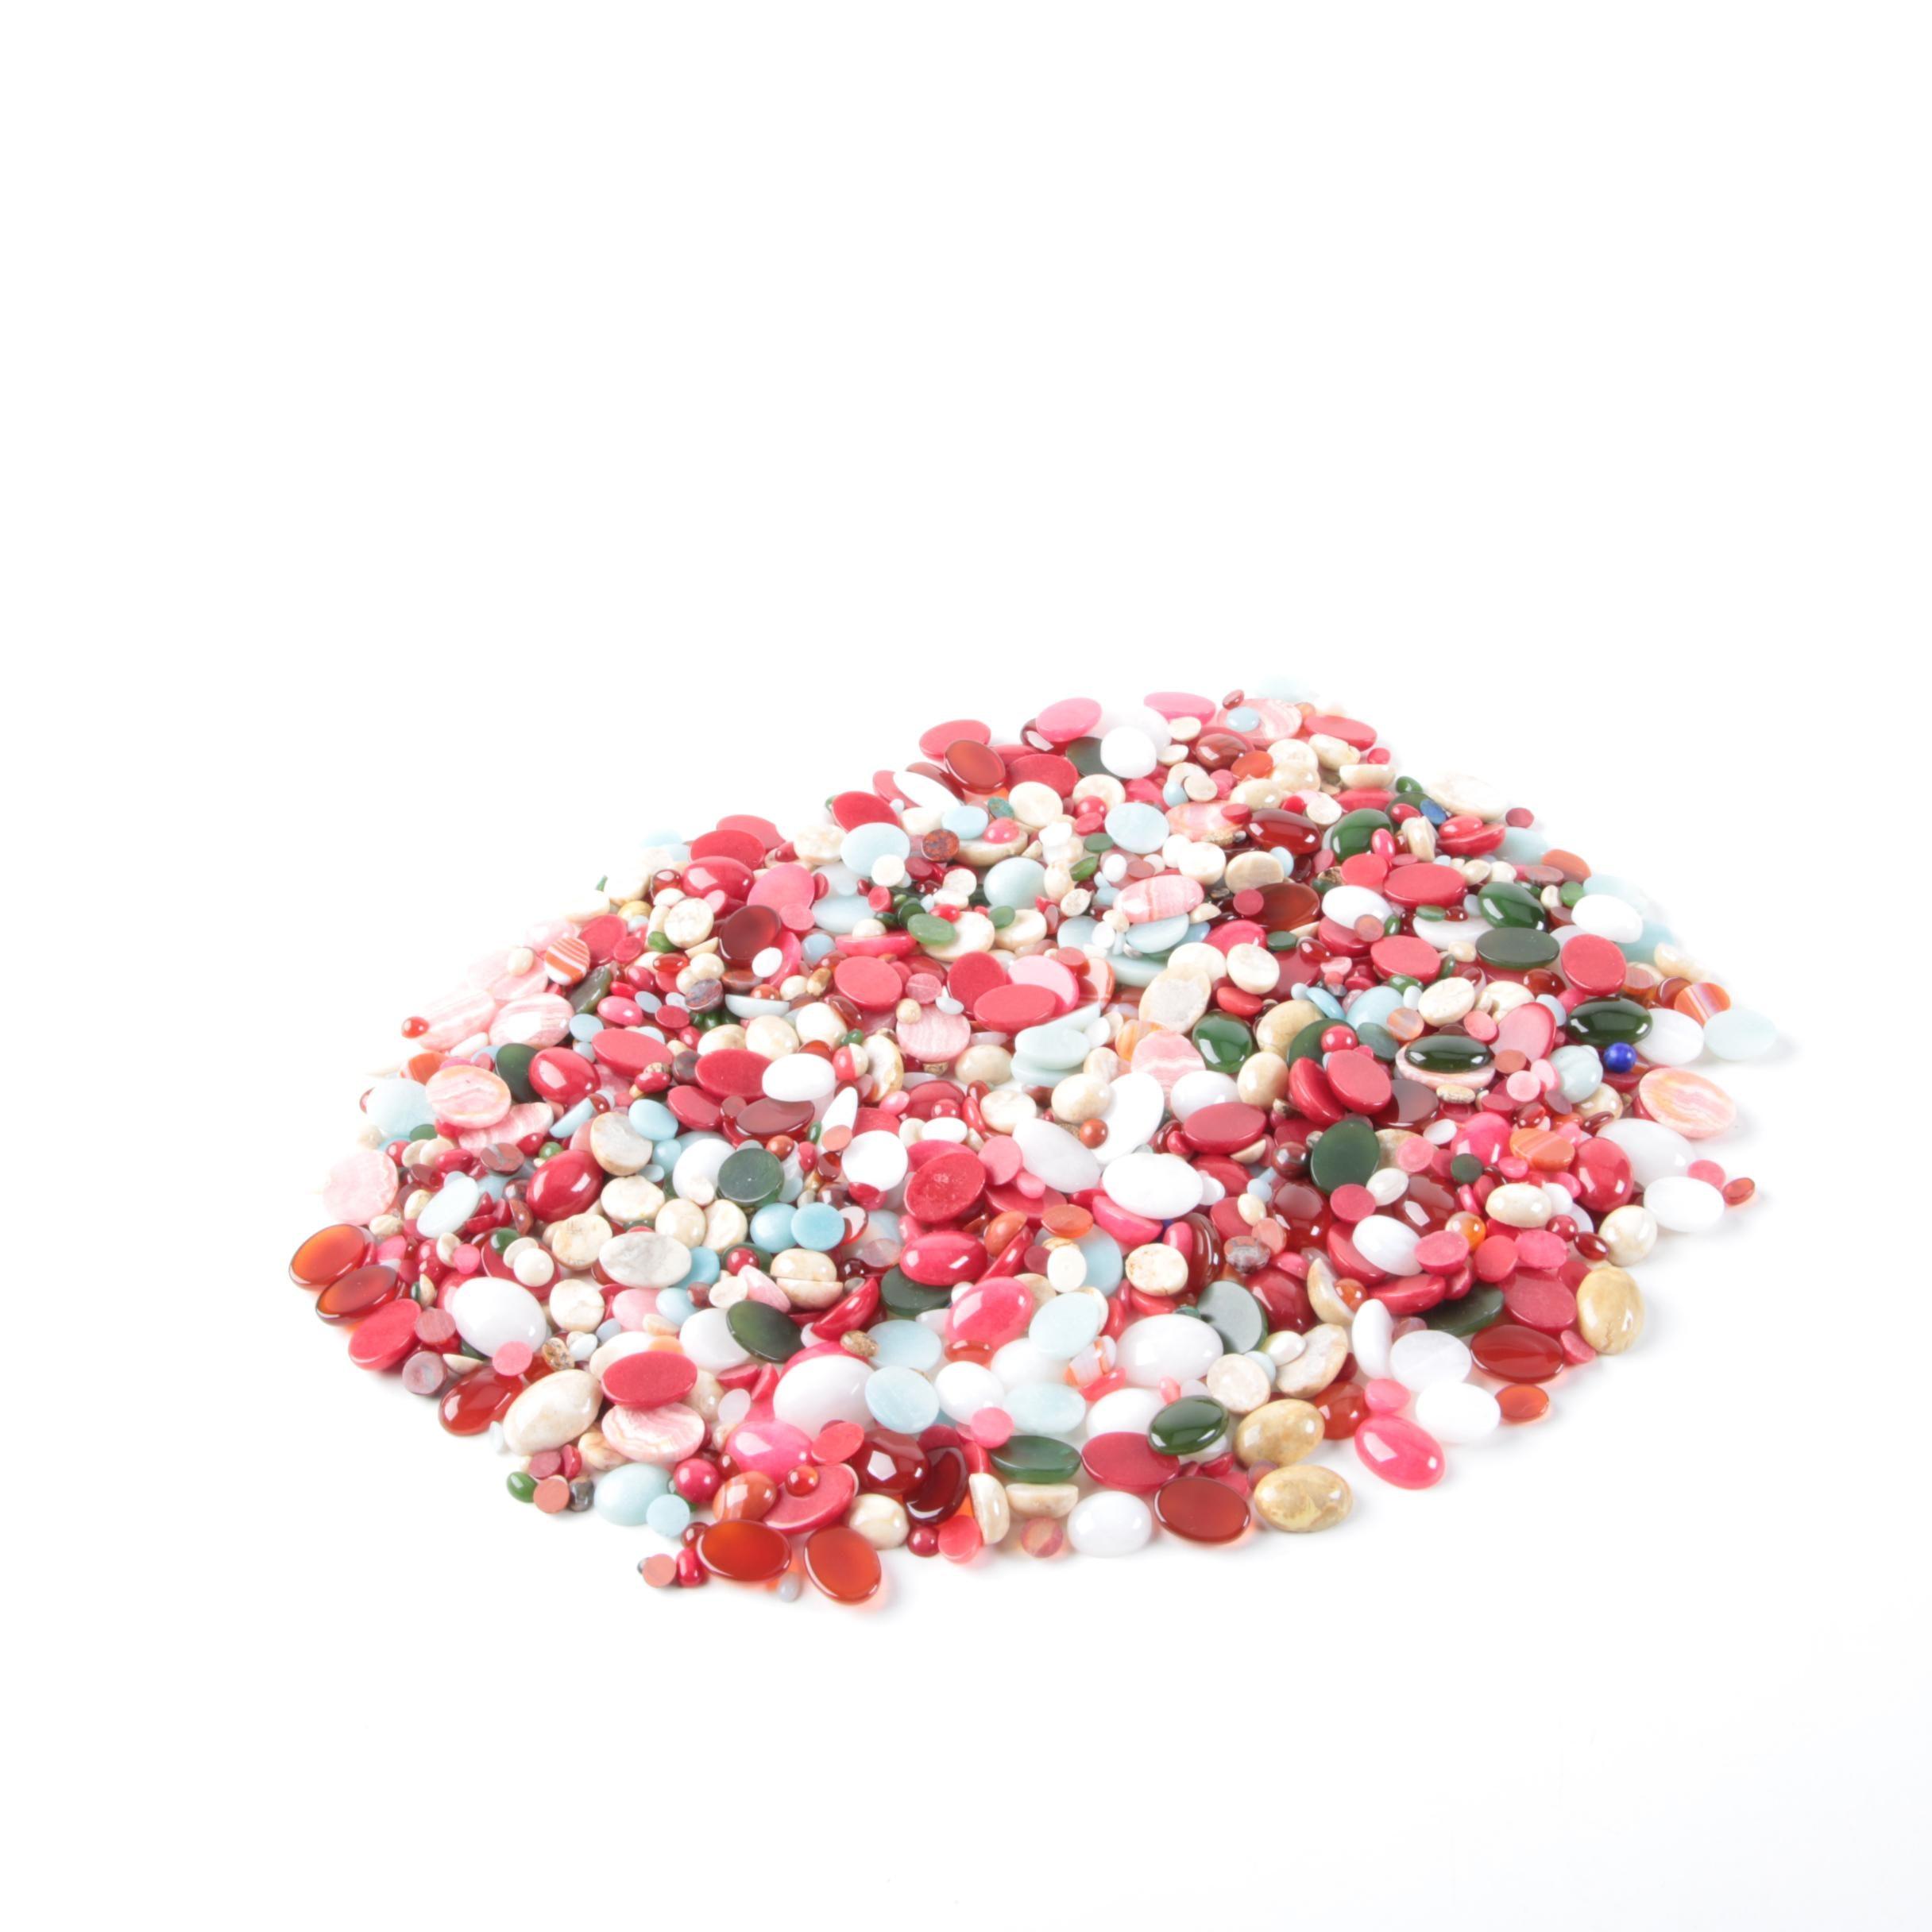 Polished Mineral Specimens